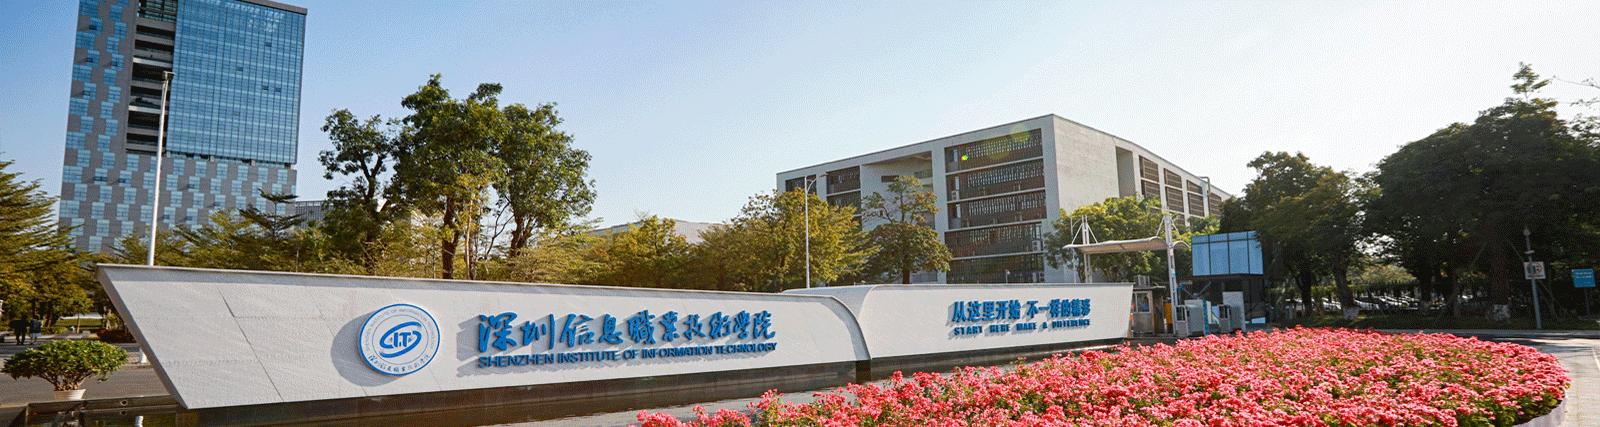 去深圳信息学院上班,8-10万招校卫队员,入职就买五险一金